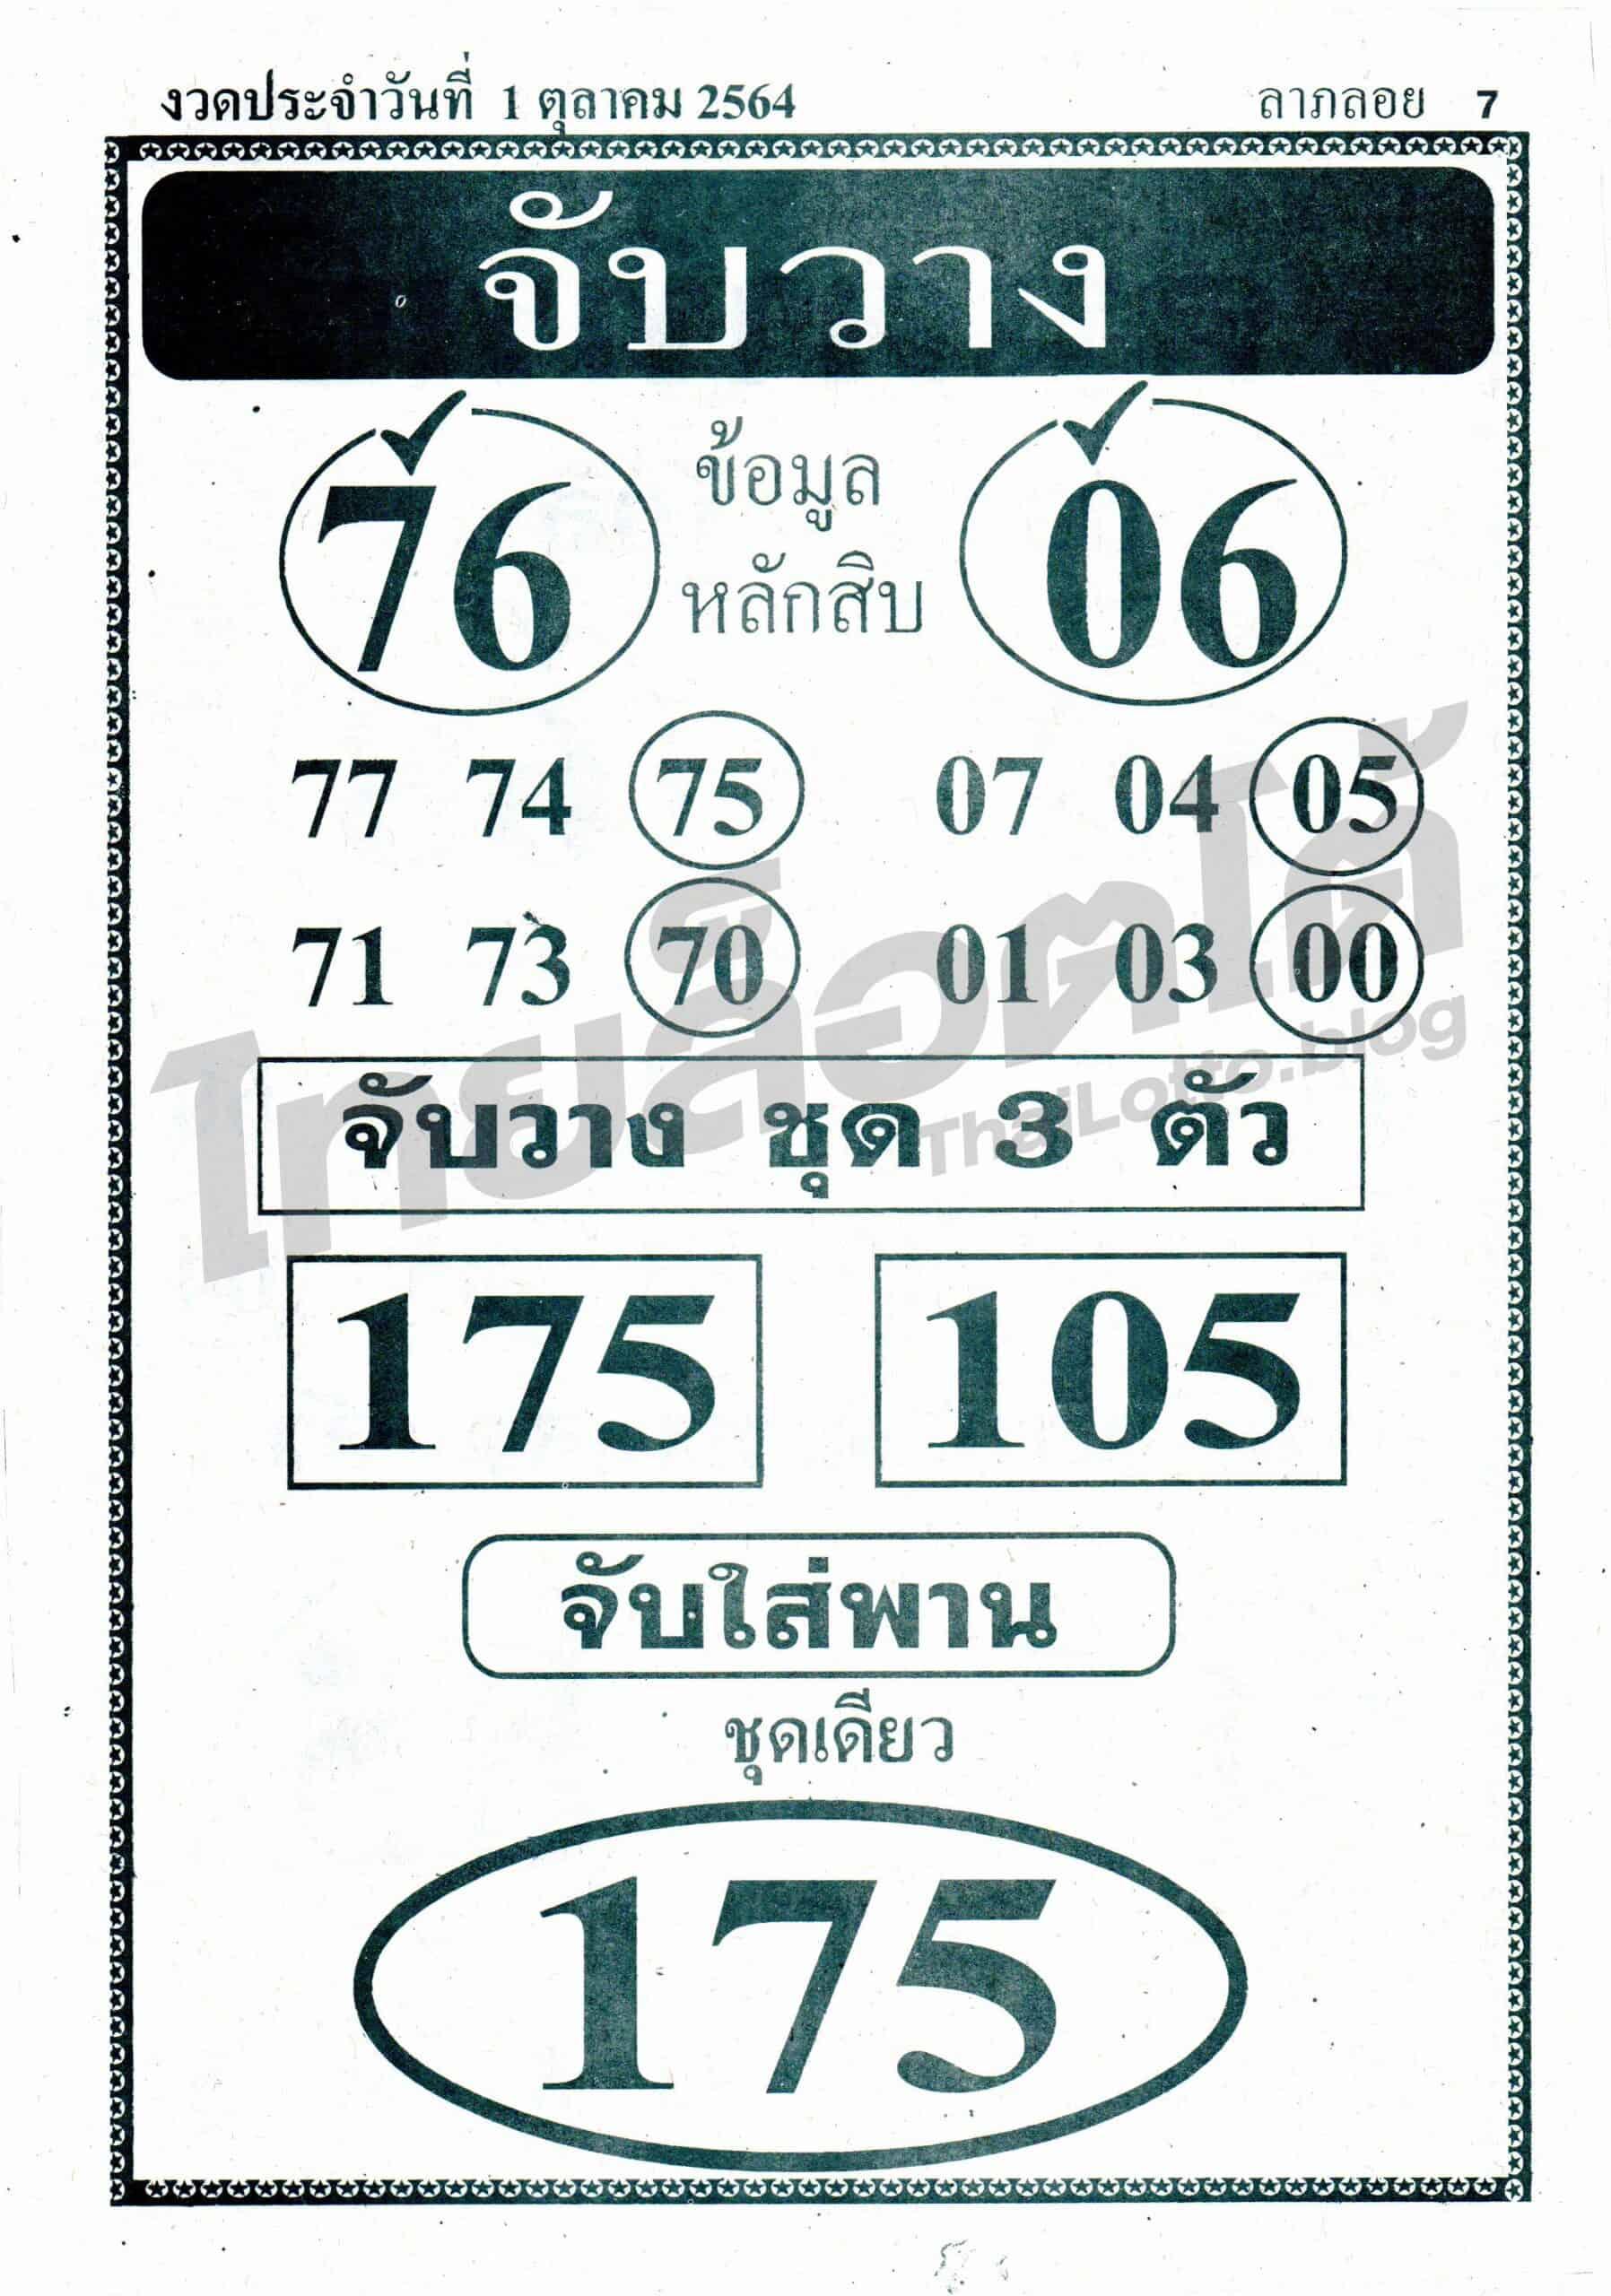 หวยซอง หวยจับวาง-011064